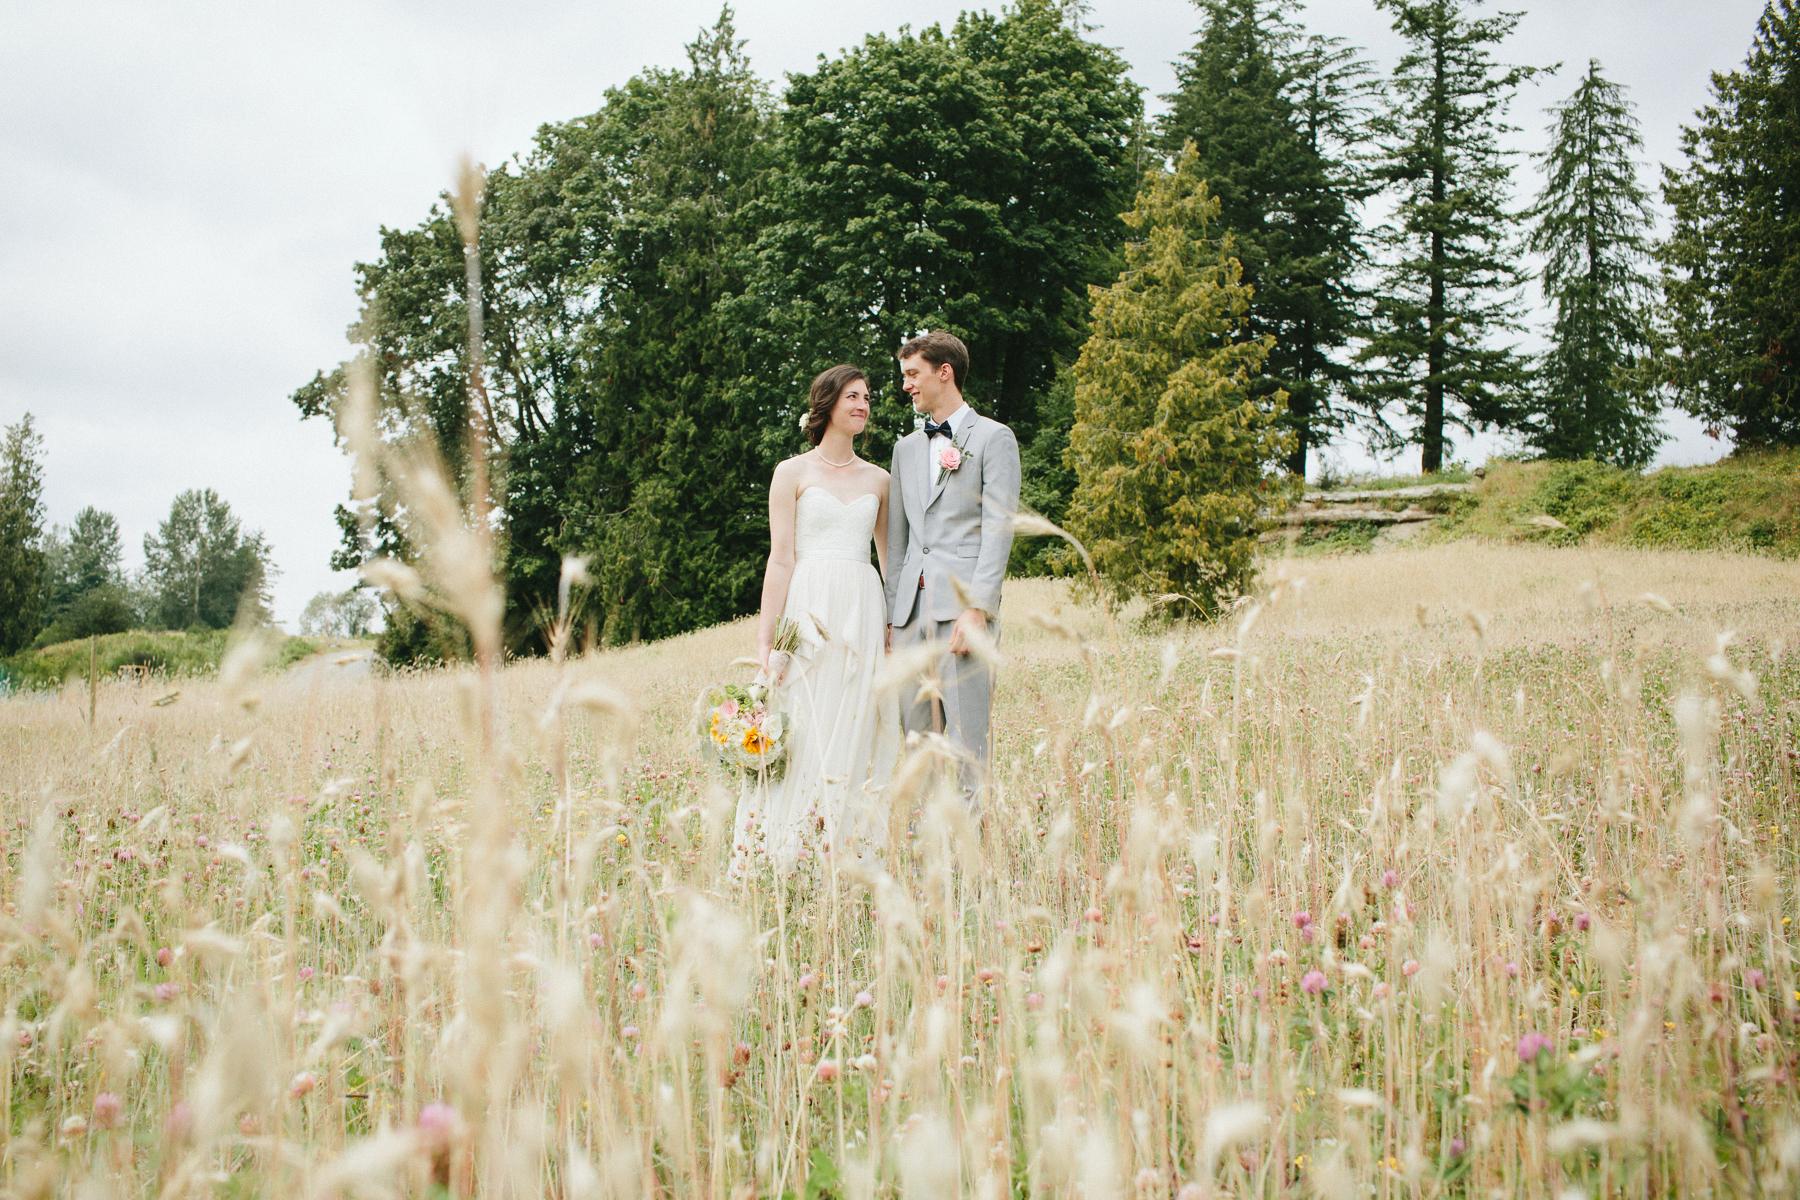 Vancouver-Rustic-Farm-Wedding-KB-062.jpg